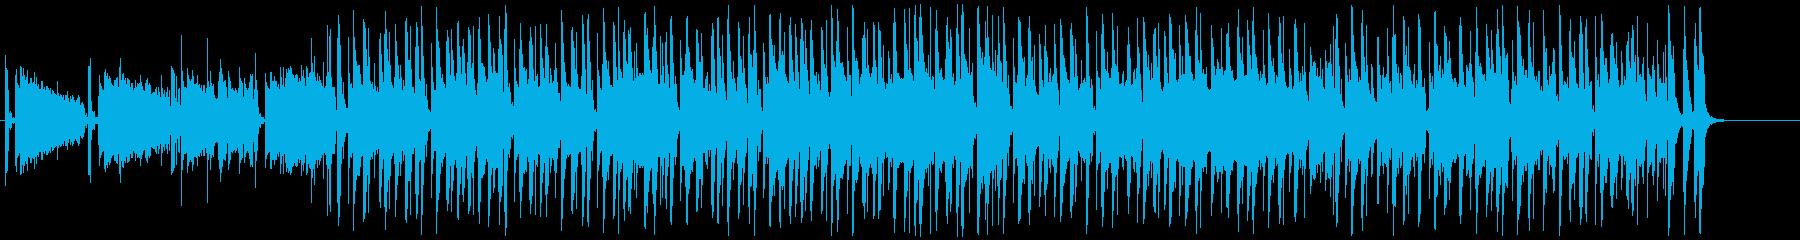 都会的でクールなアシッドジャズ/ファンクの再生済みの波形